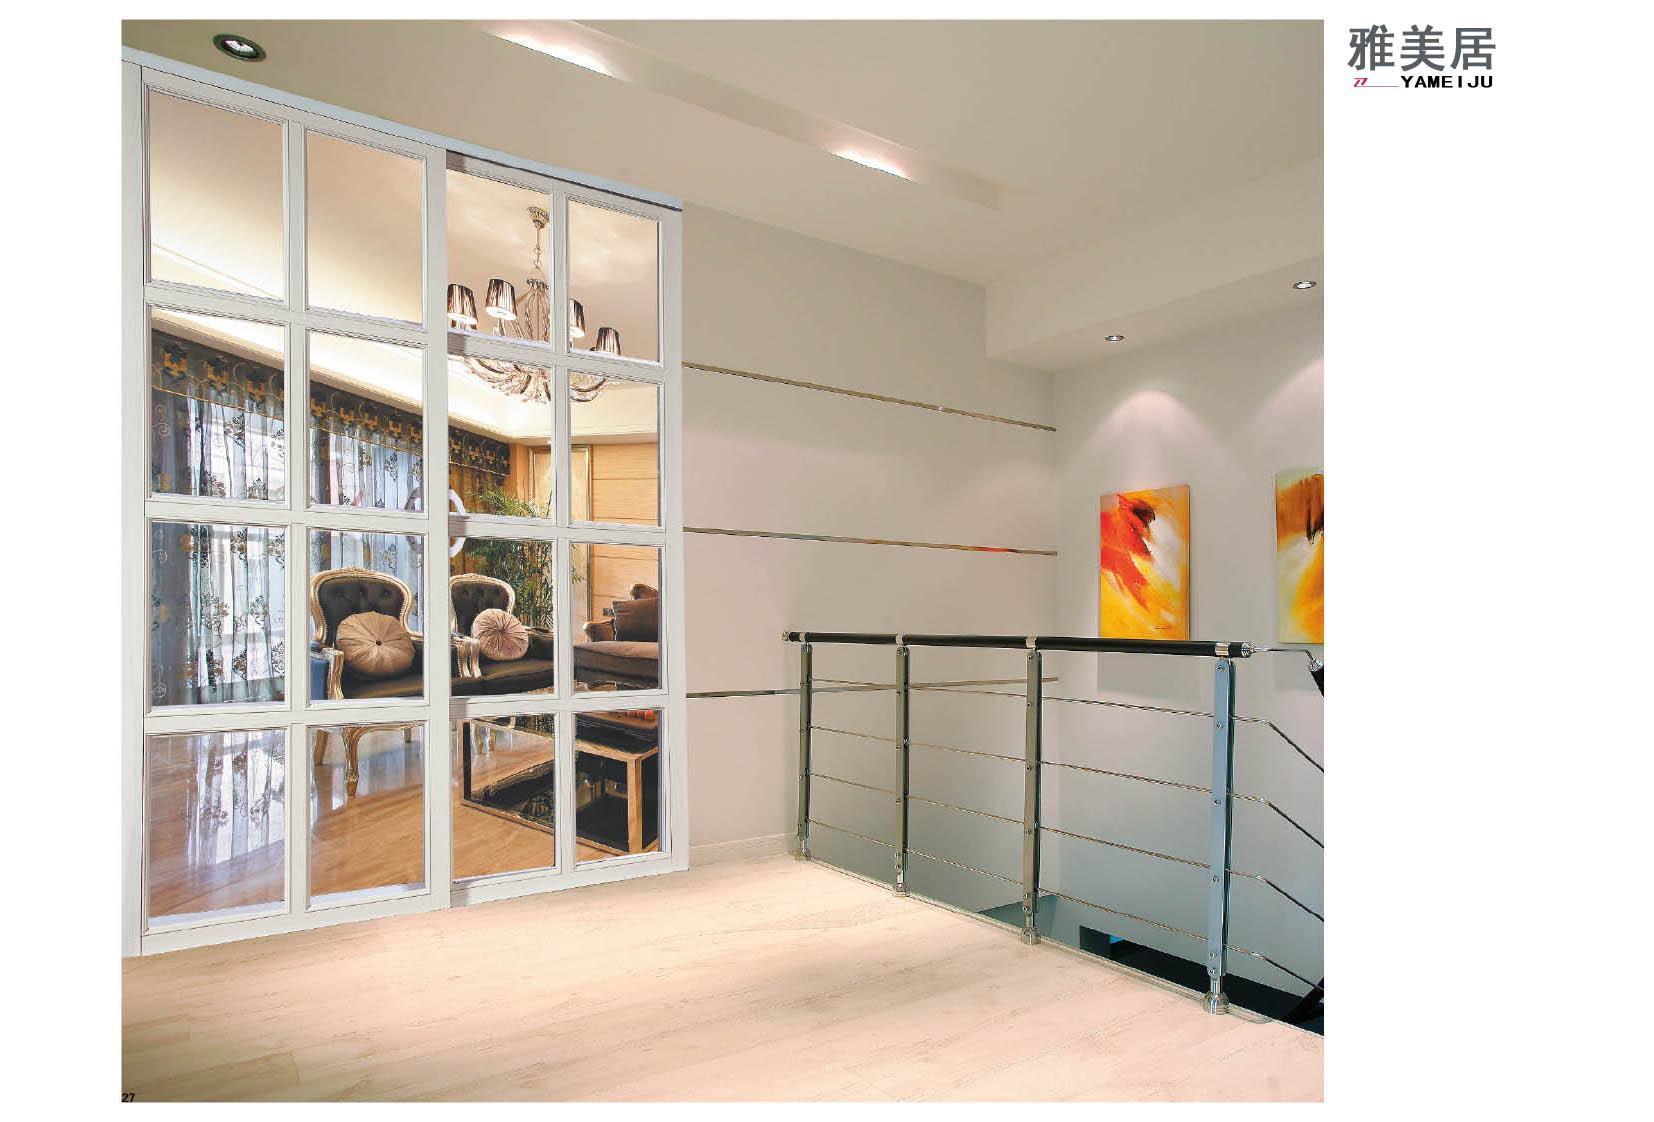 阳台/厨房隔断门系列/白色欧式图片